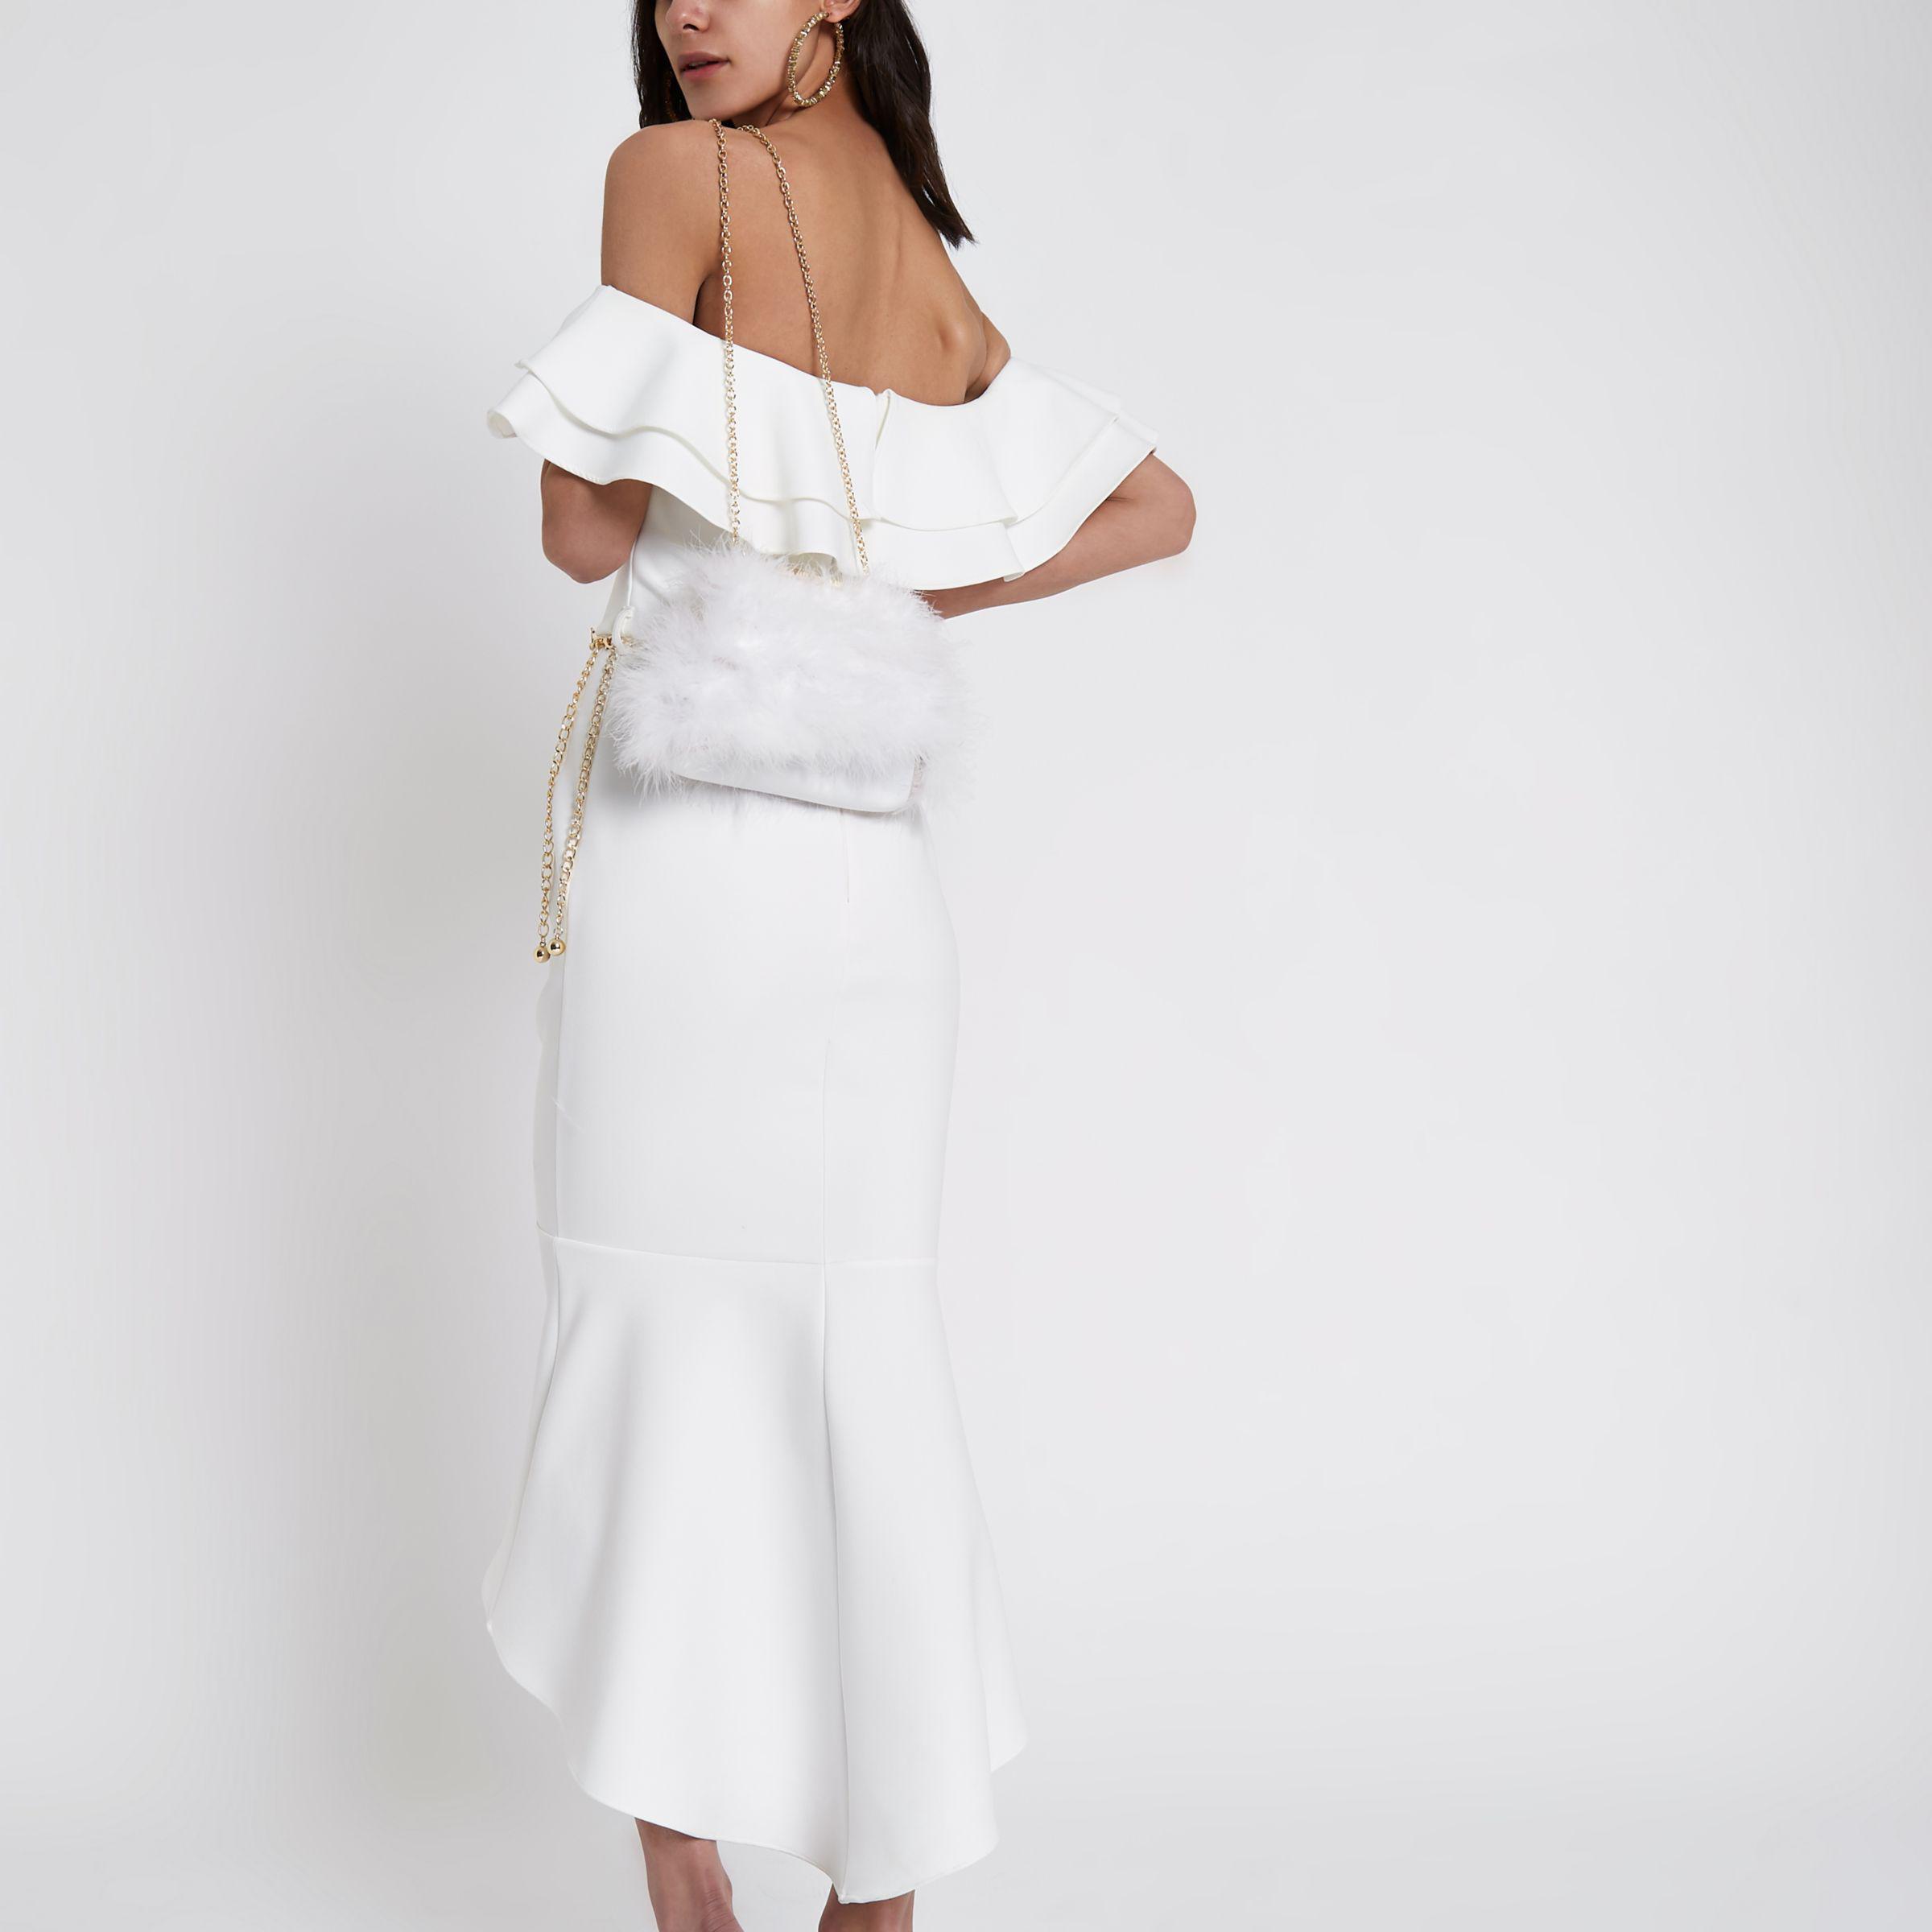 8d5f6418e3 River Island Cream Lace Fishtail Bardot Bodycon Dress in White - Lyst